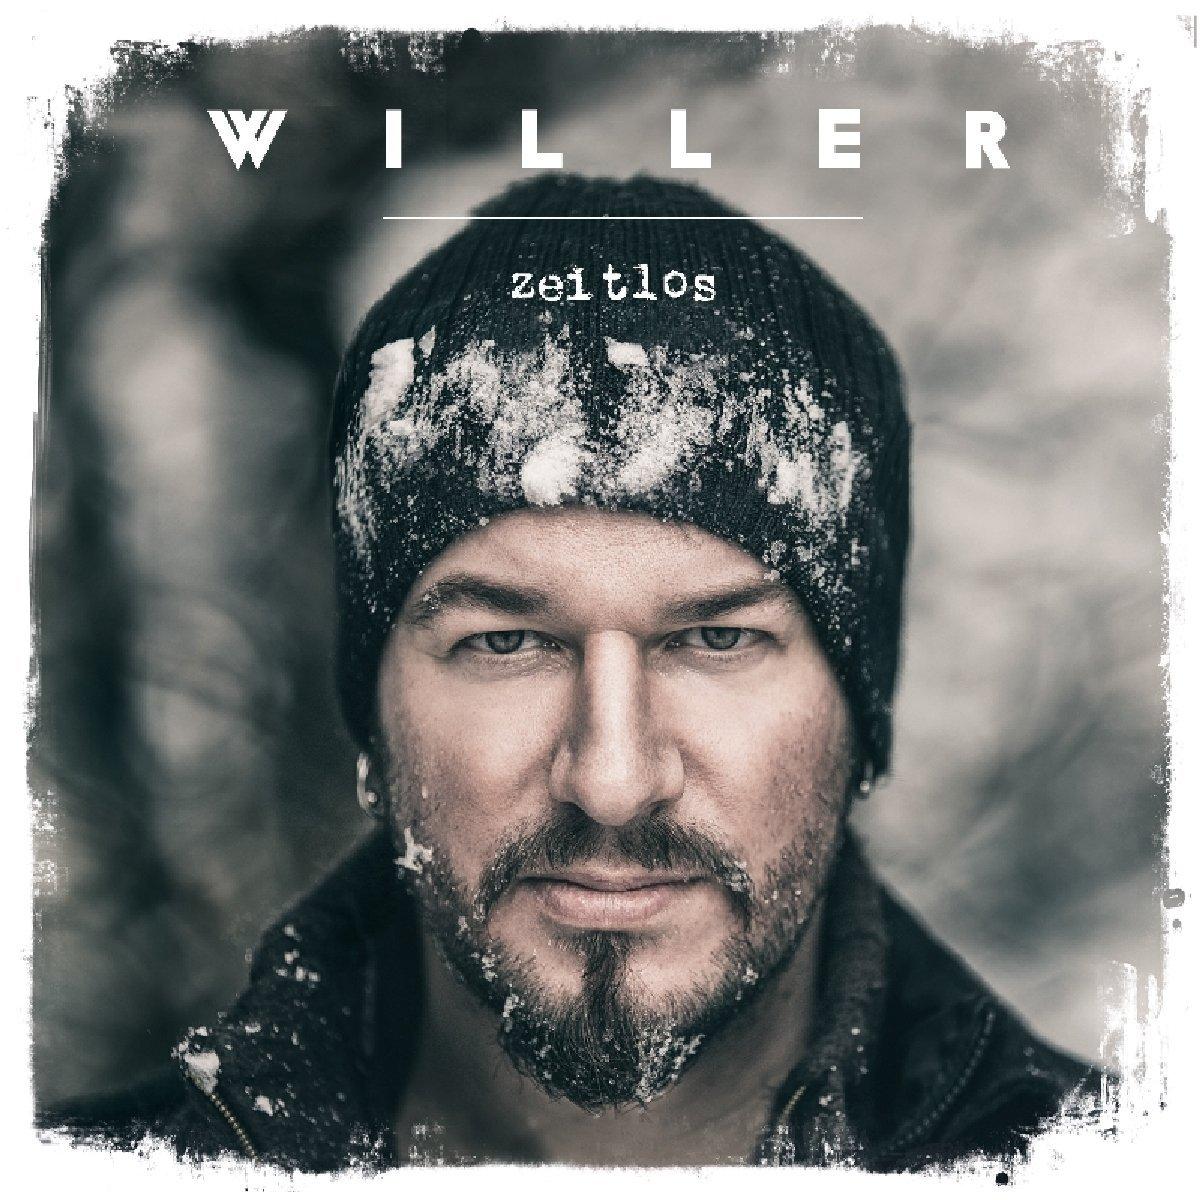 willer zeitlos - WILLER - Der Soundtrack deiner Zeit (Offizielles Video)